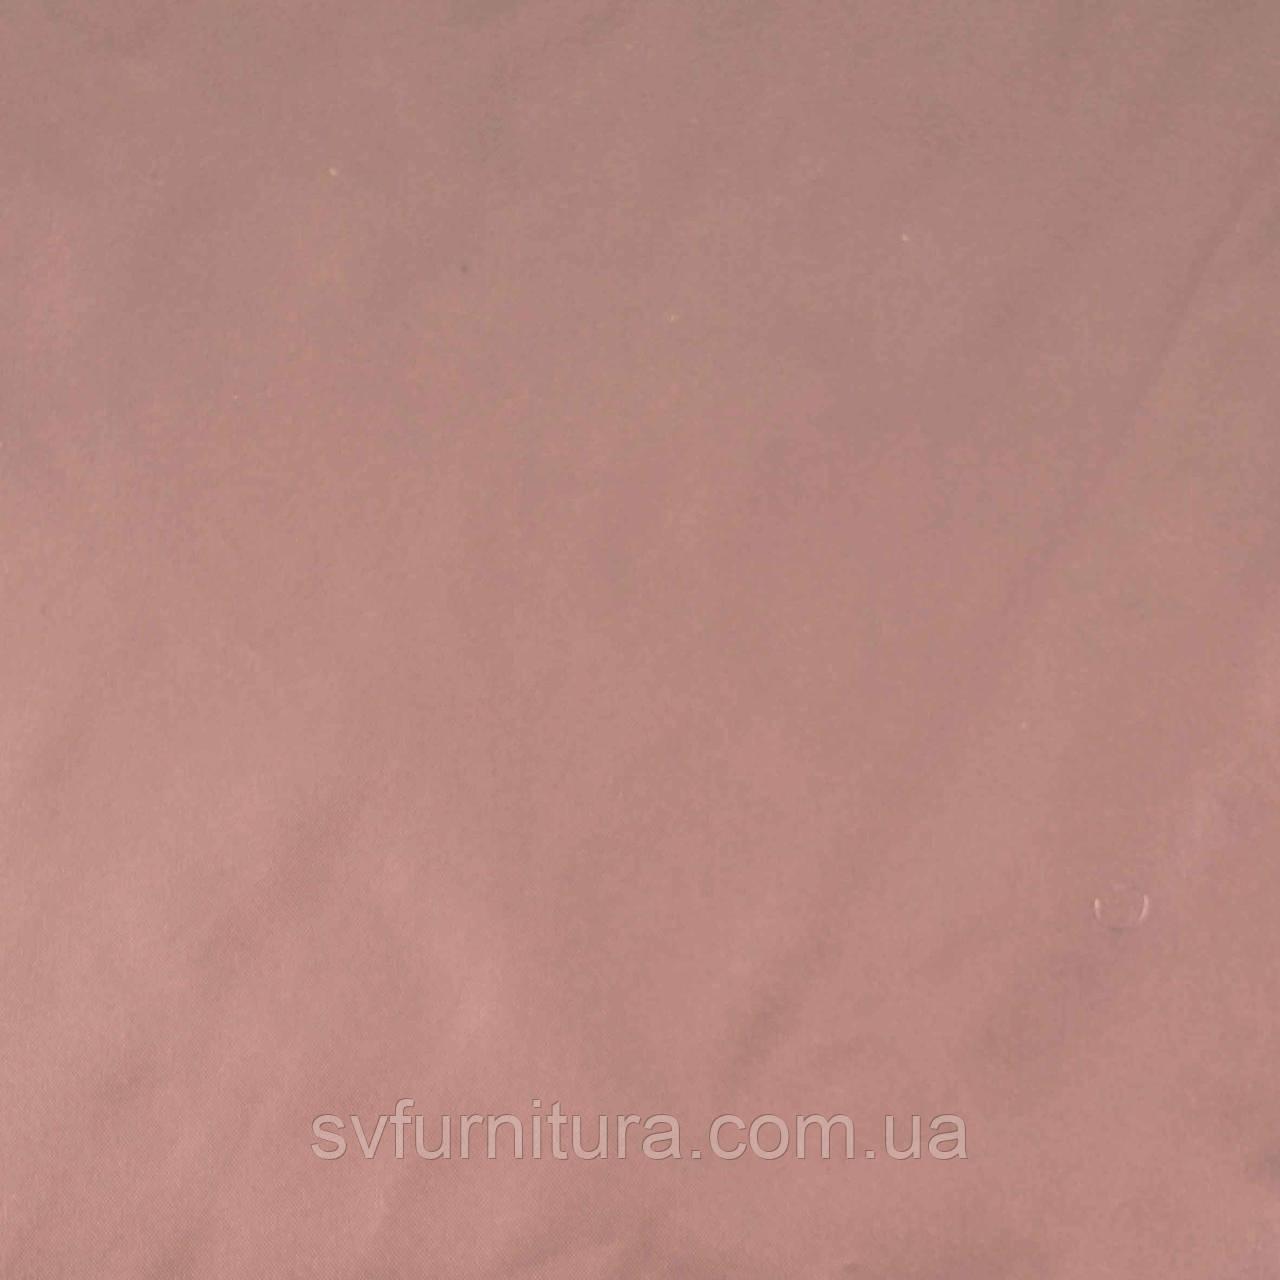 Тканина плащівка АА1 2020 12